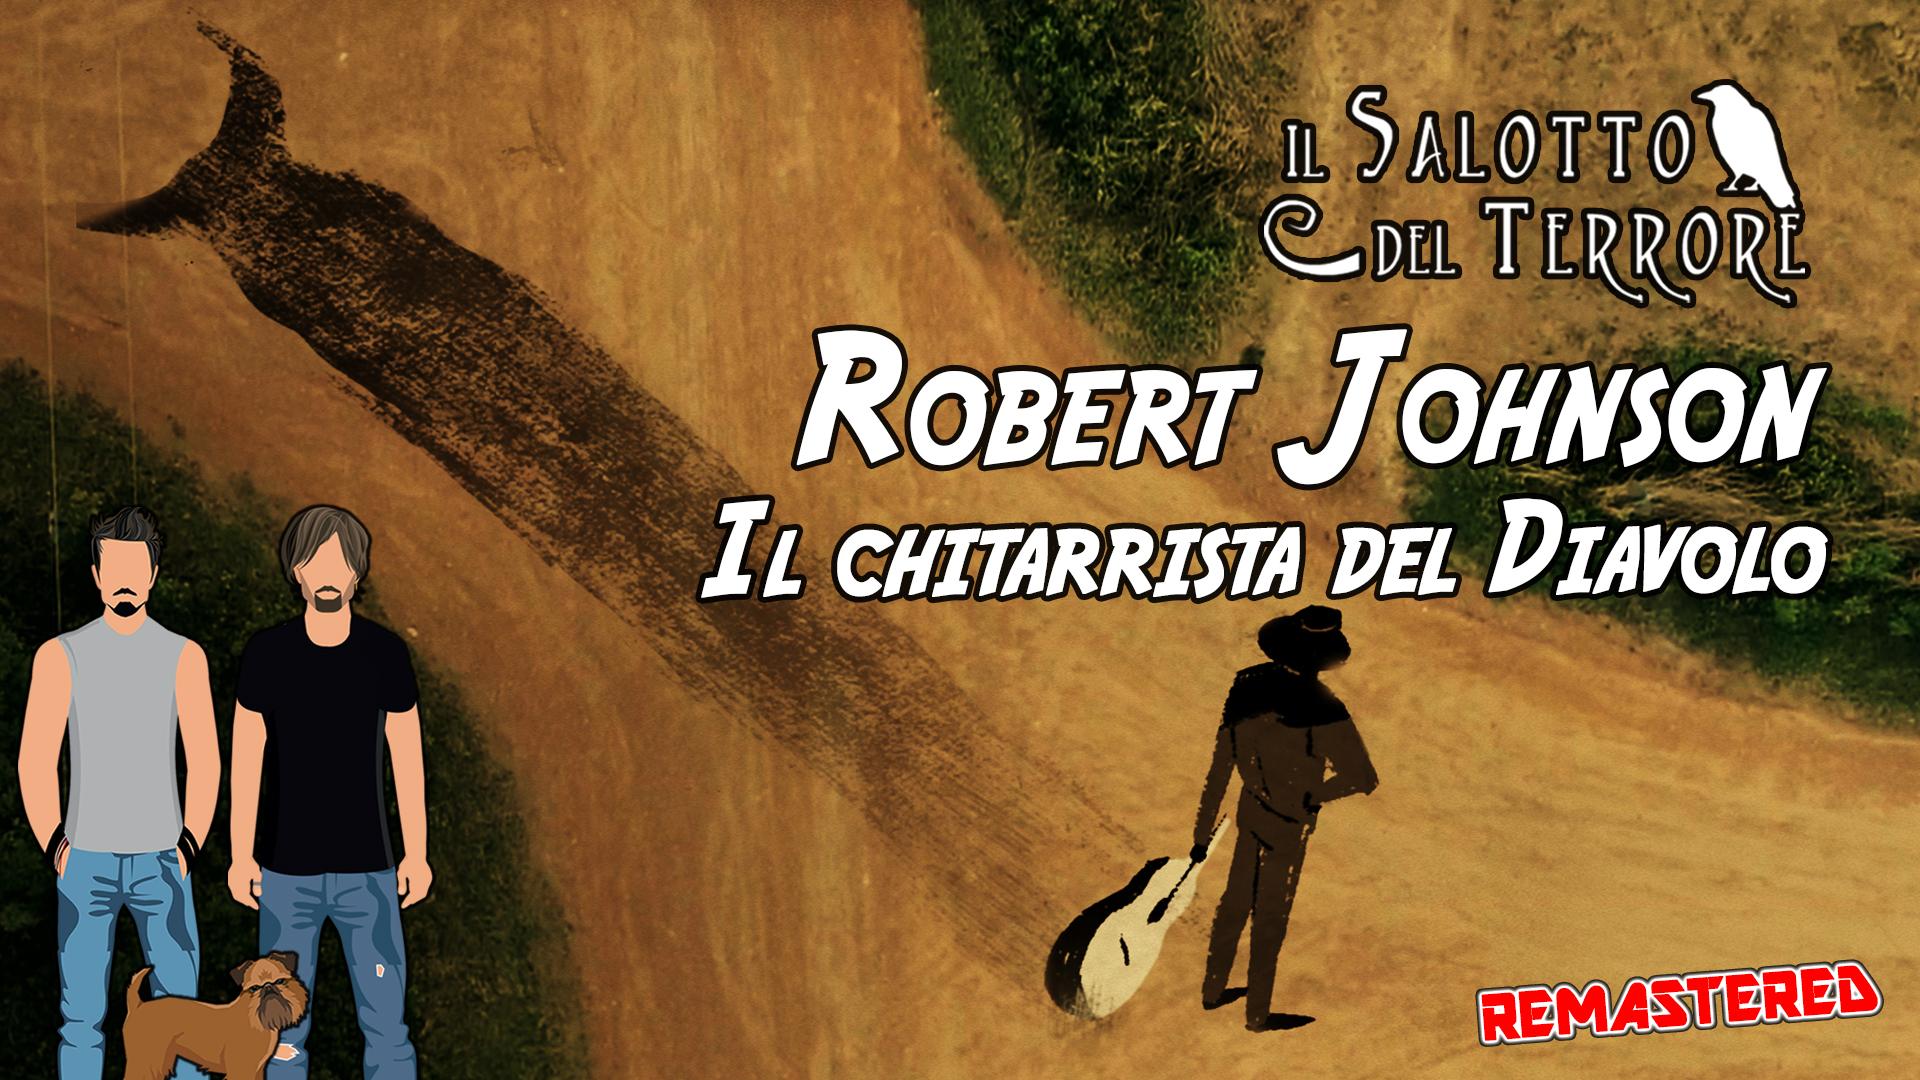 La leggenda di Robert Johnson, il chitarrista del Diavolo